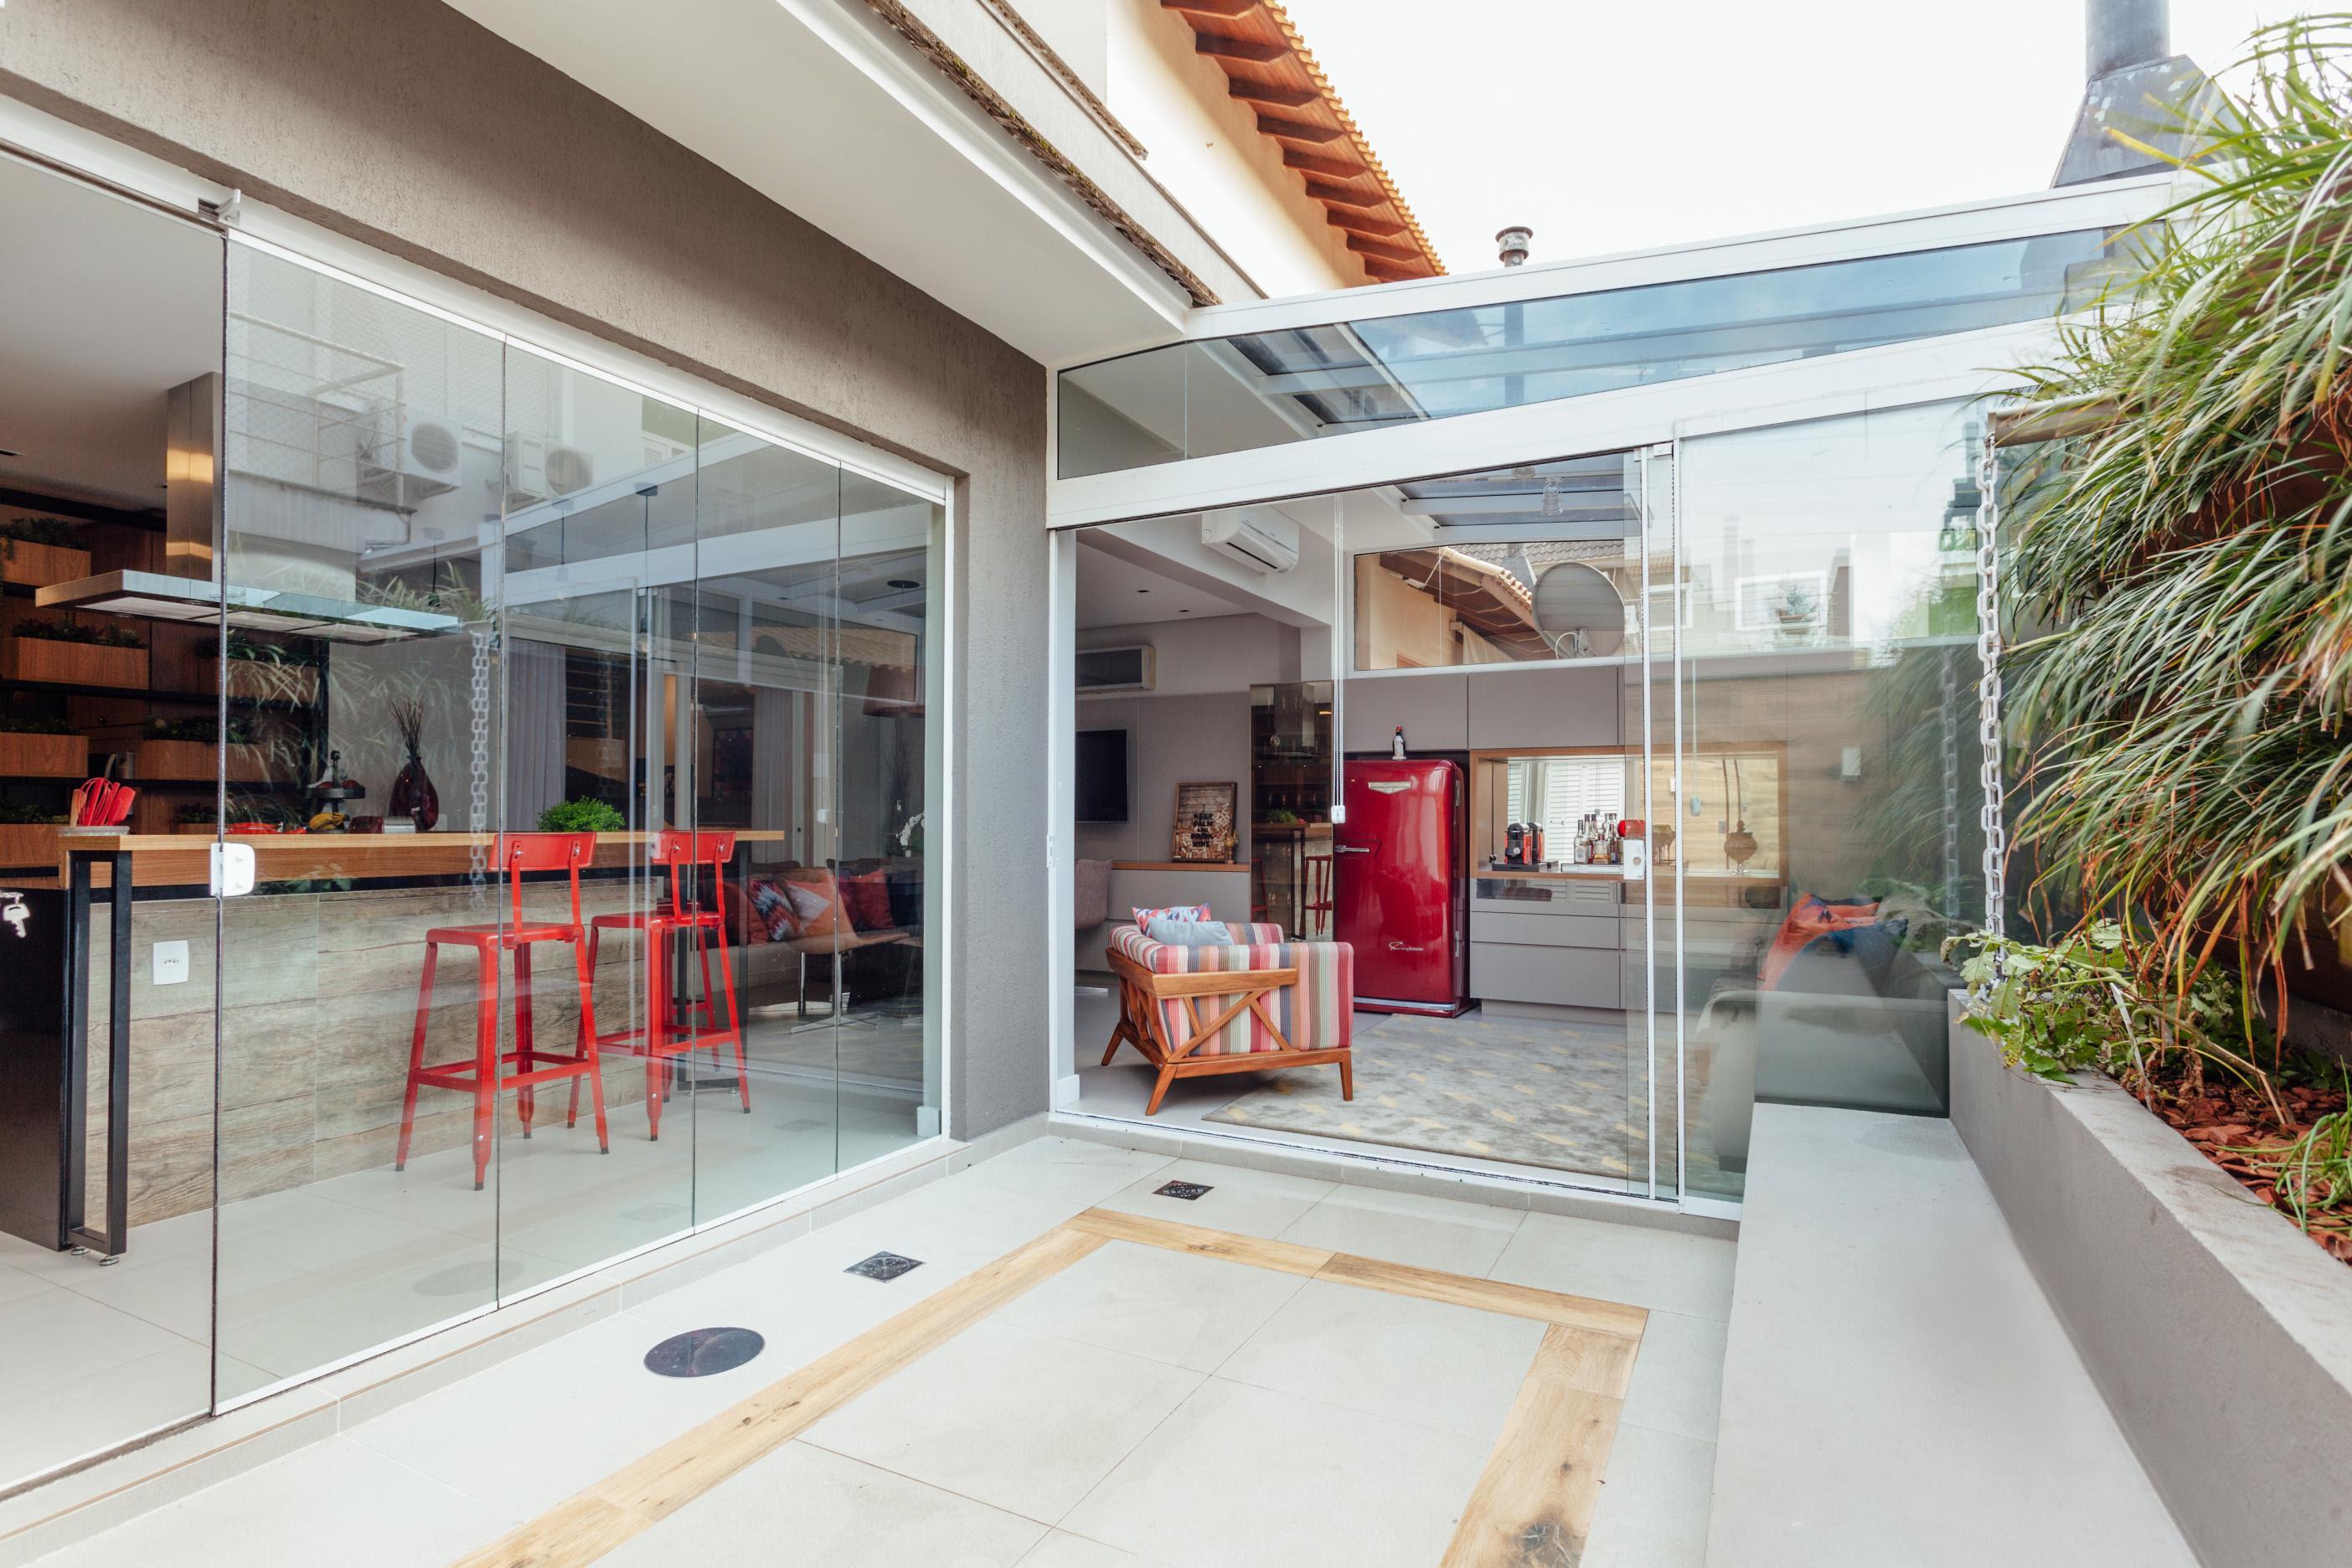 Alteração no layout qualifica convívio familiar em casa da capital gaúcha